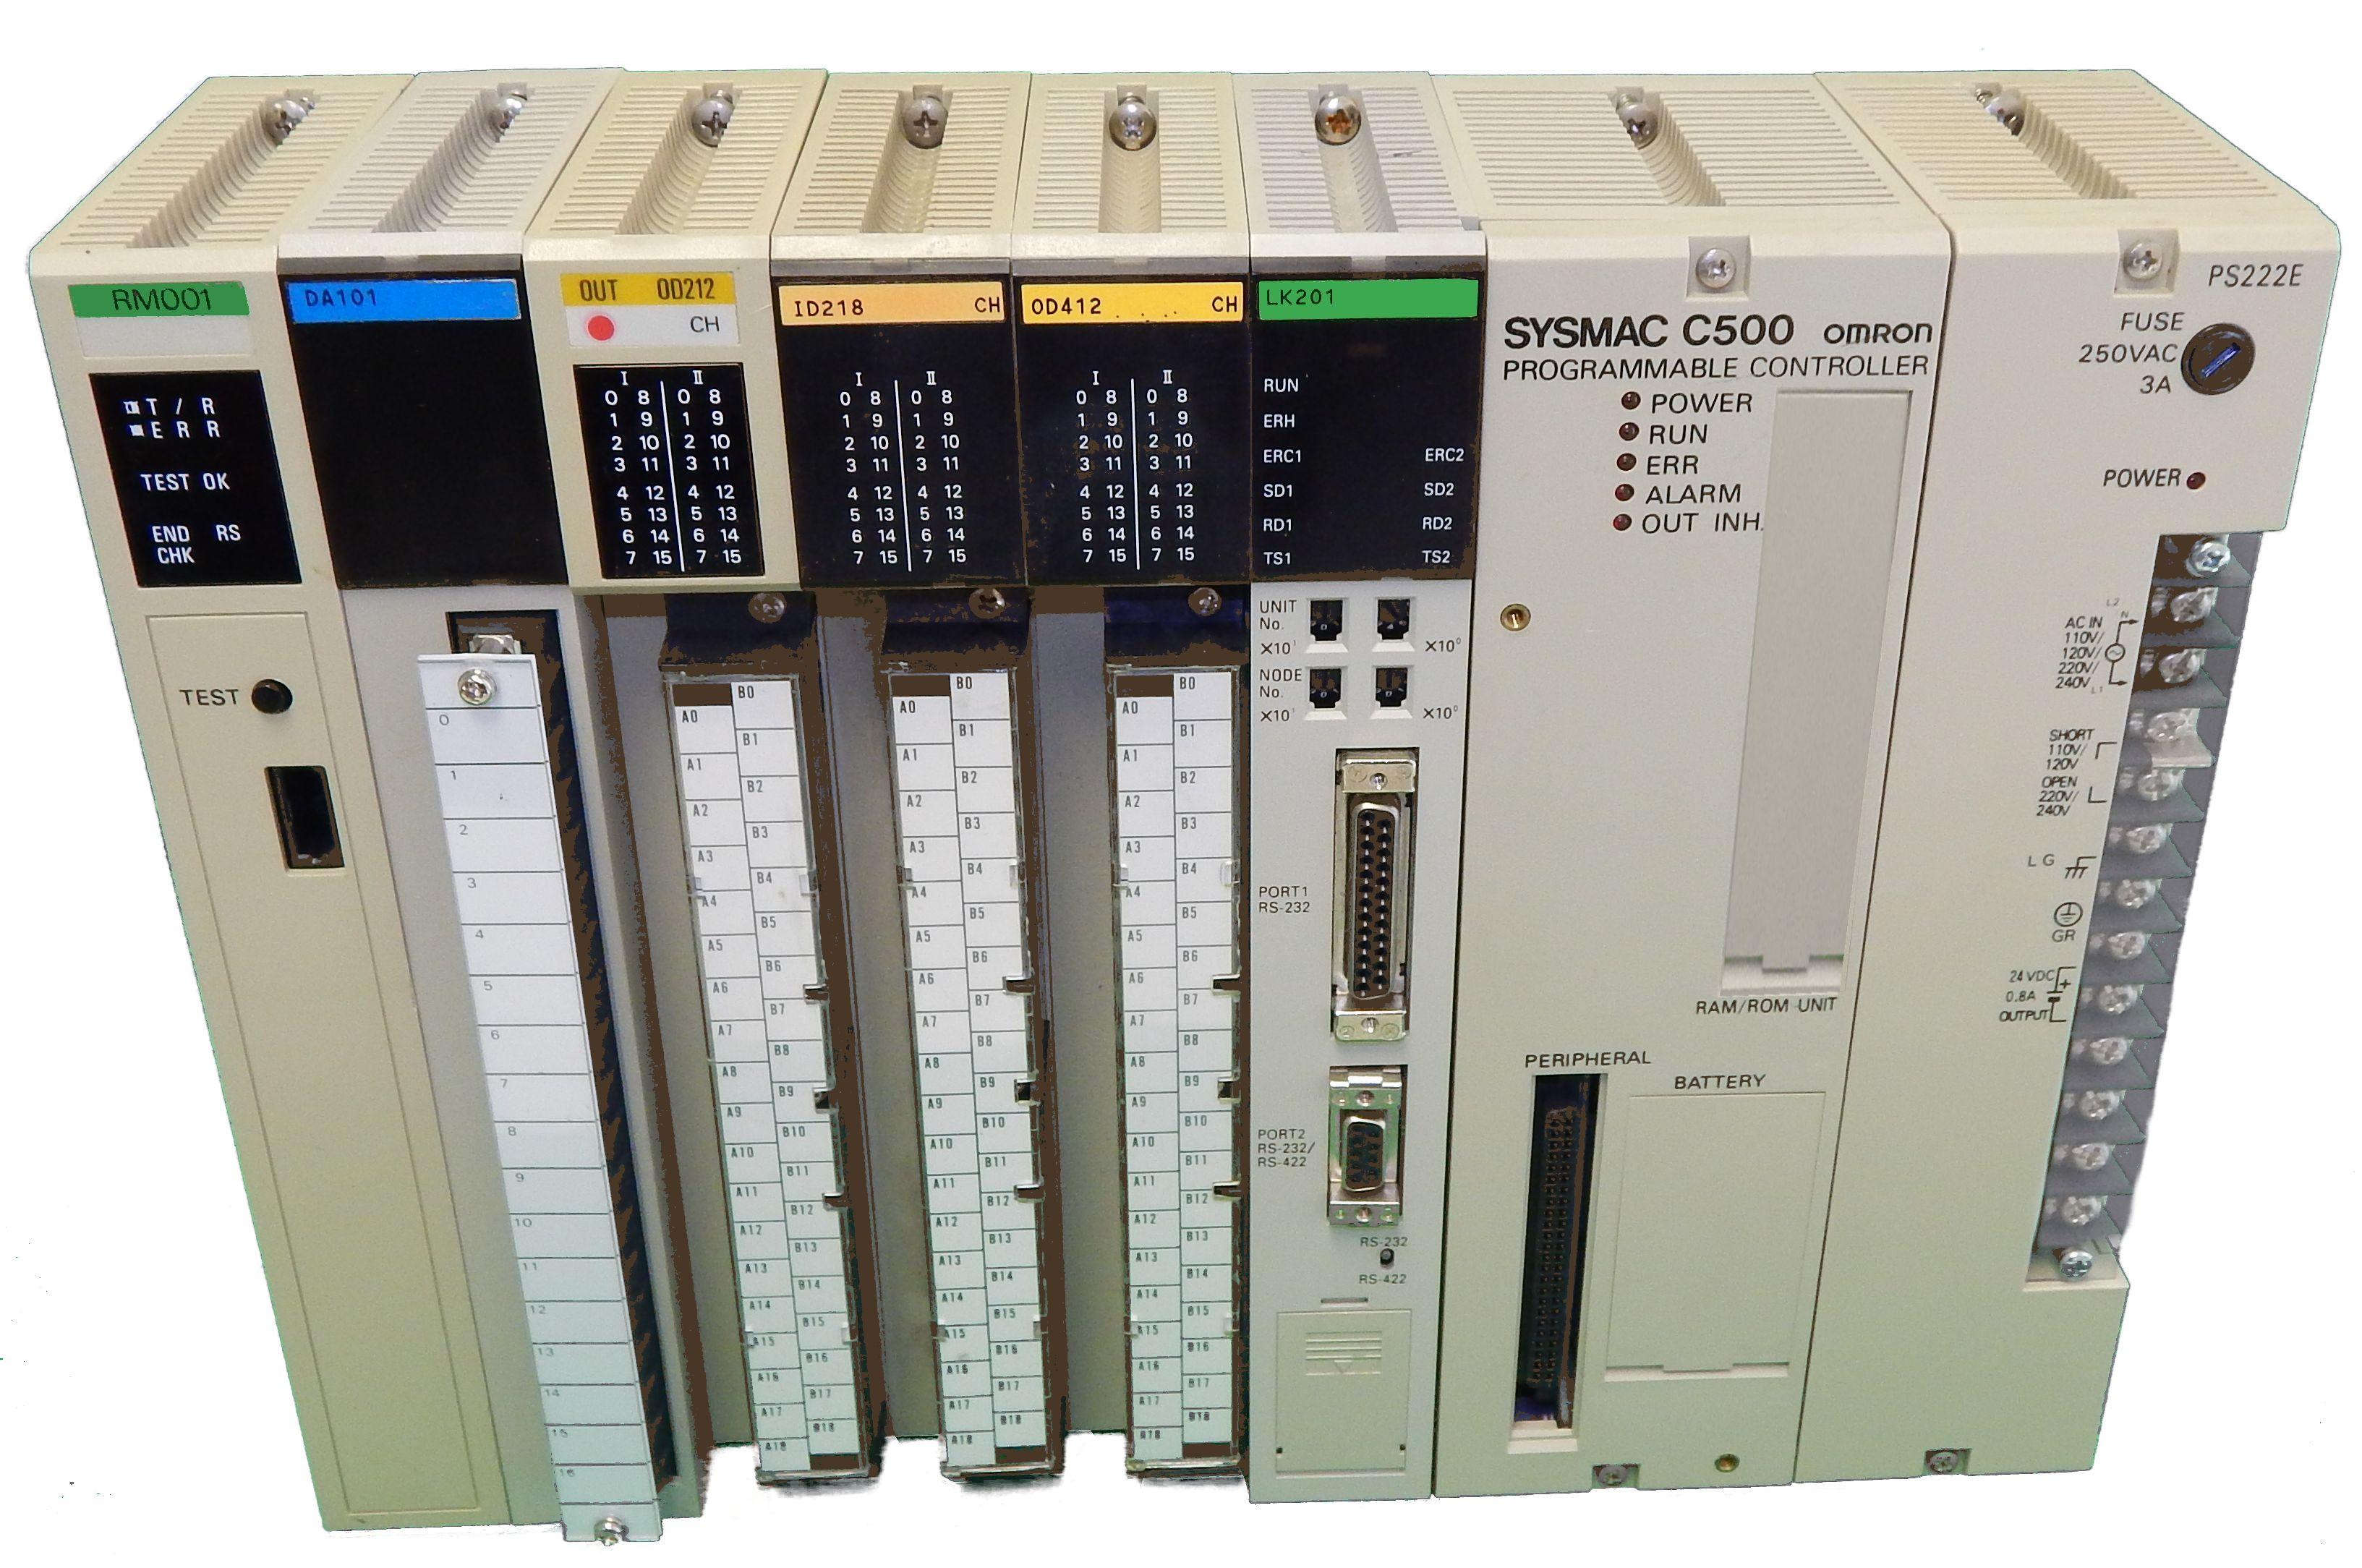 3G2A5-MP831